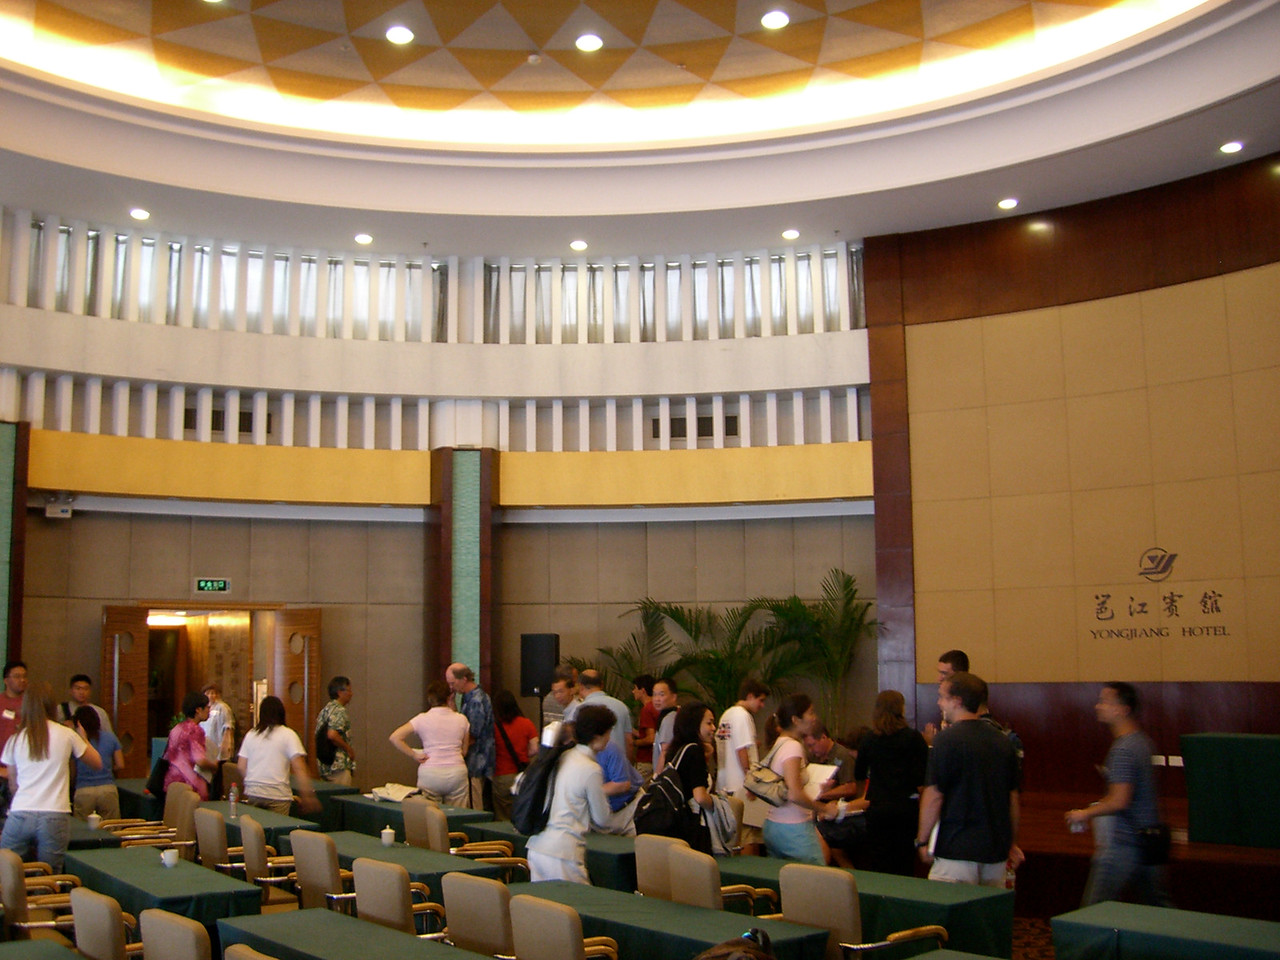 2006 07 15 Sat - Yong Jiang Hotel conference room 1